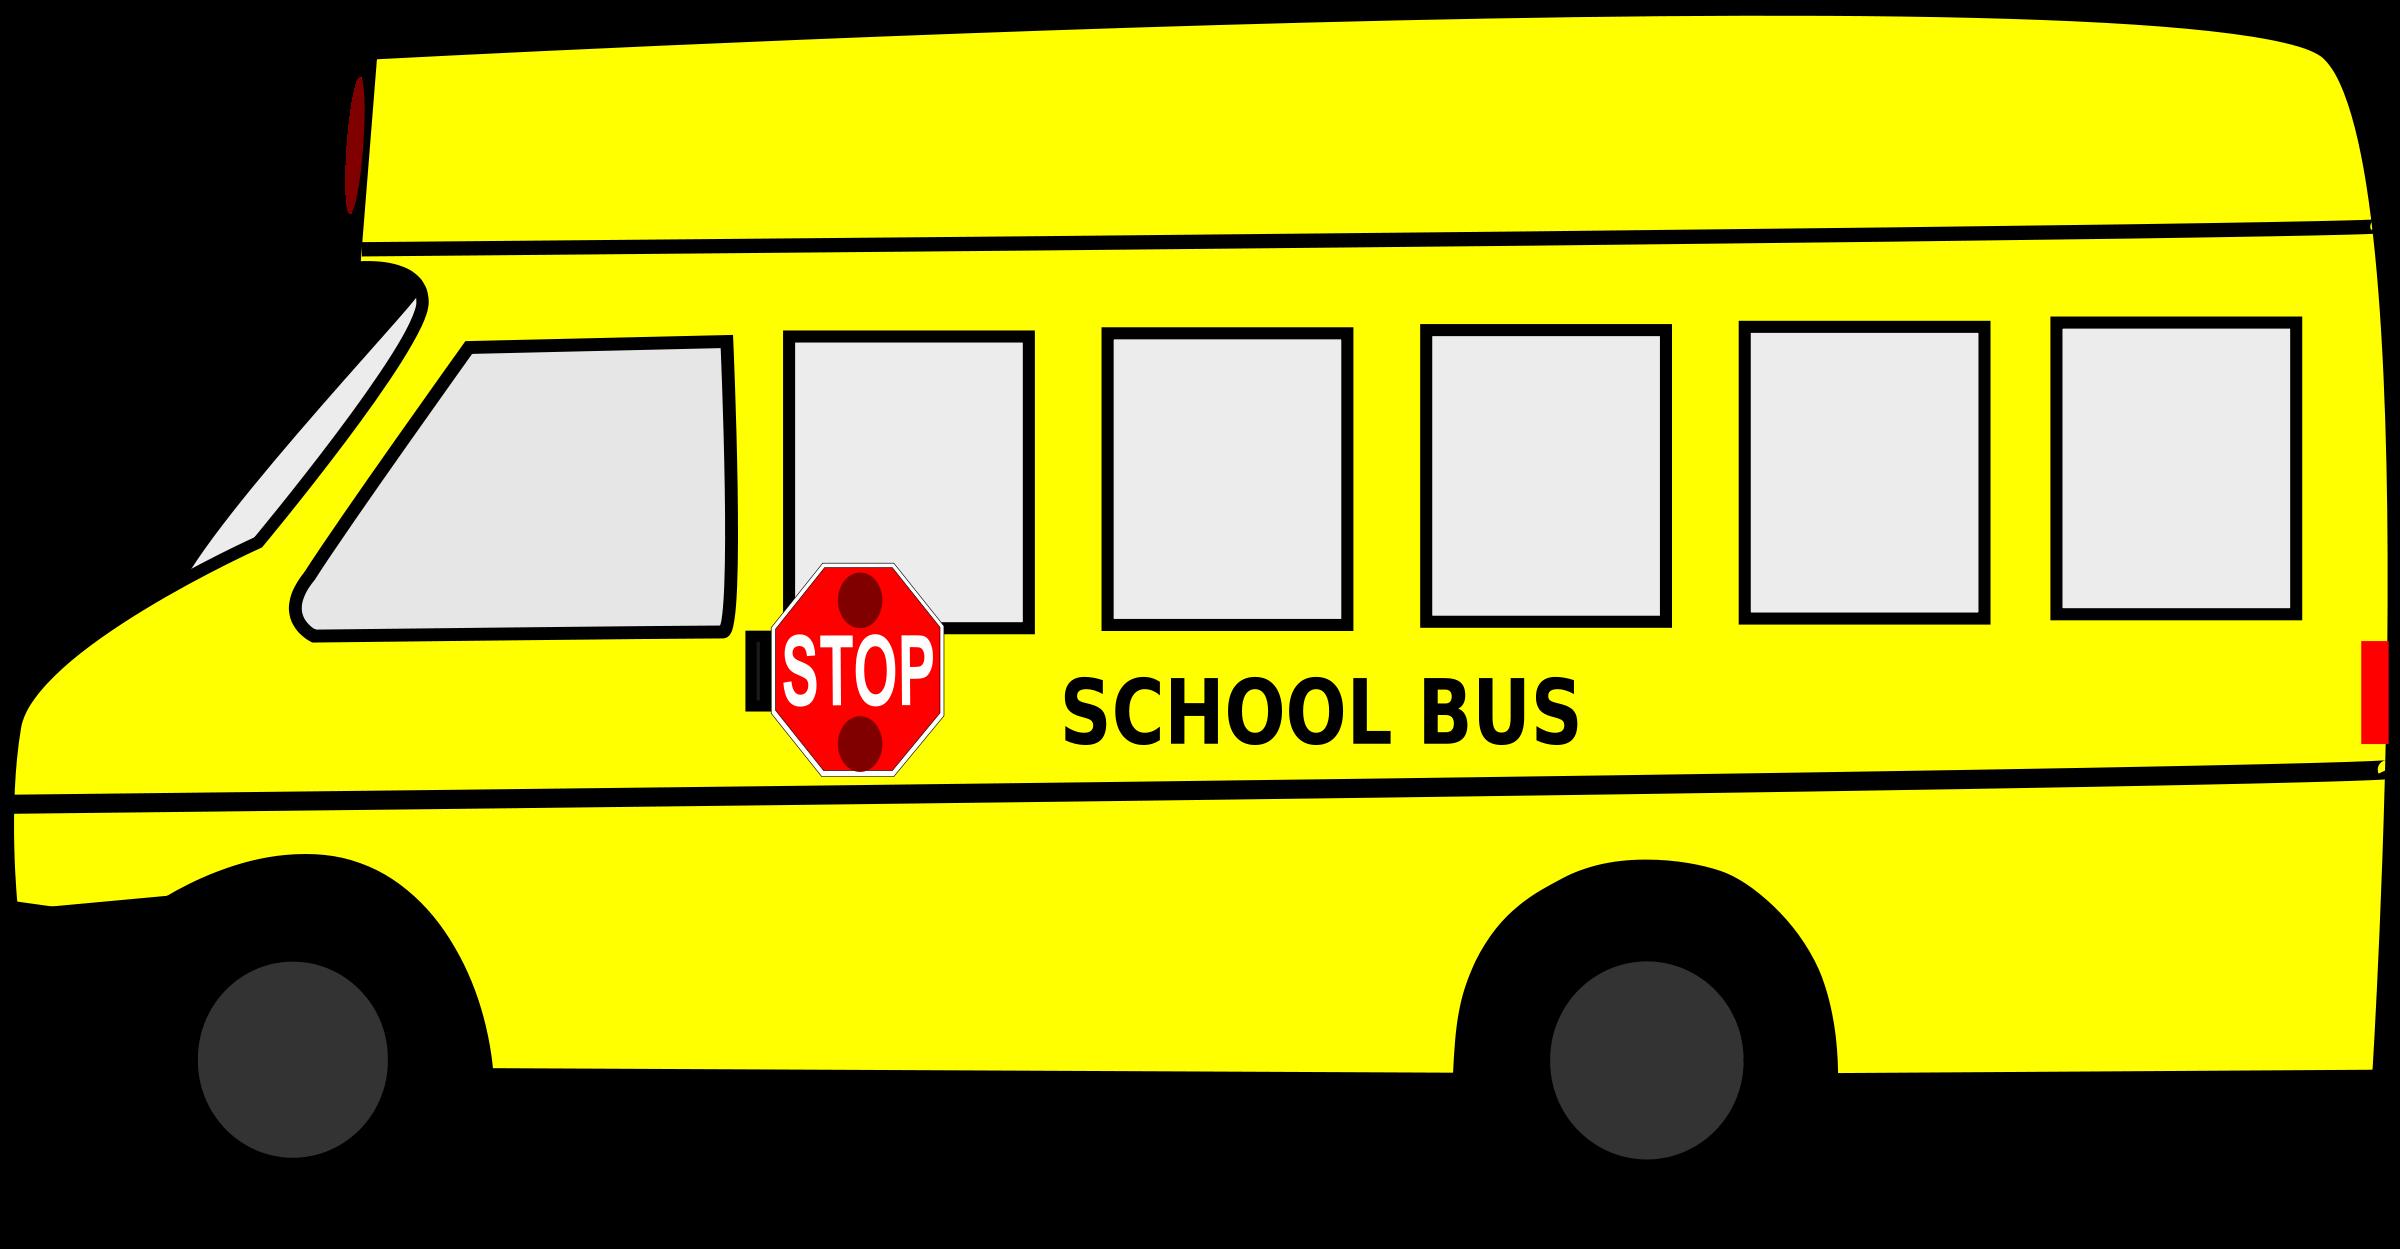 2400x1249 Free Clip Art School Bus Clipart Images 3